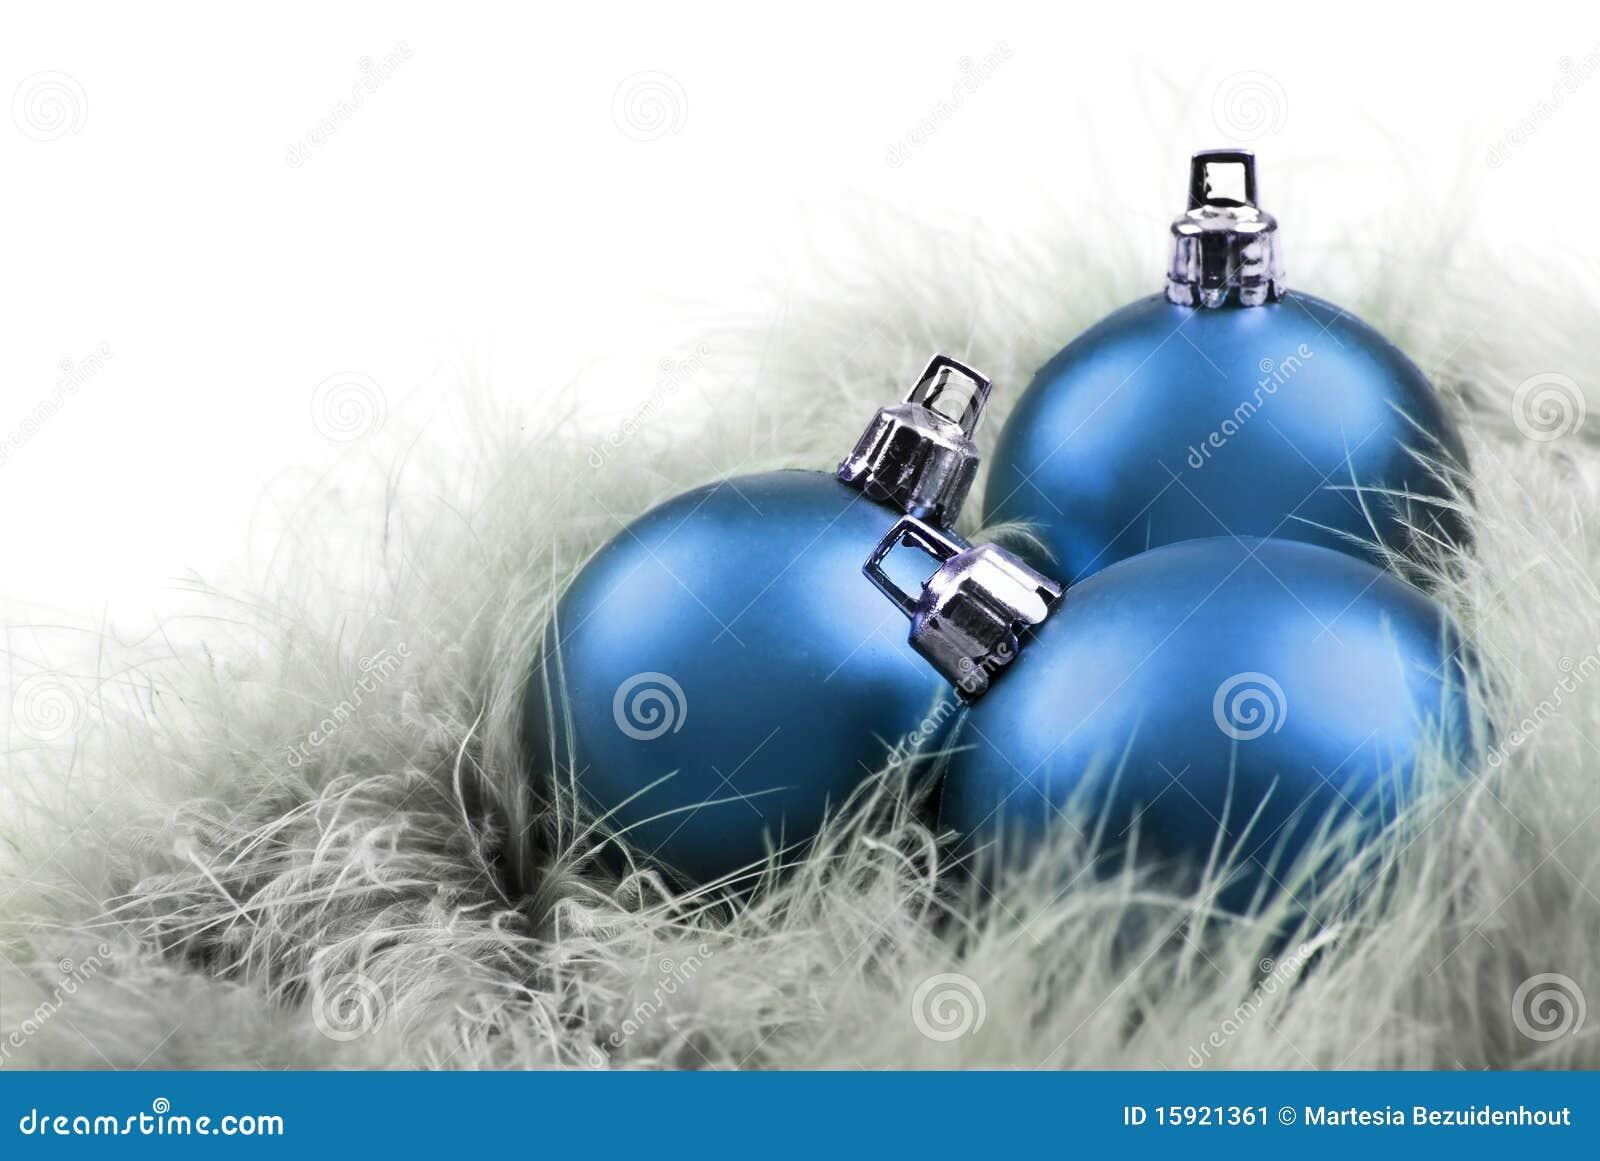 weihnachtskugeln innen im blau auf federn stockbild bild 15921361. Black Bedroom Furniture Sets. Home Design Ideas